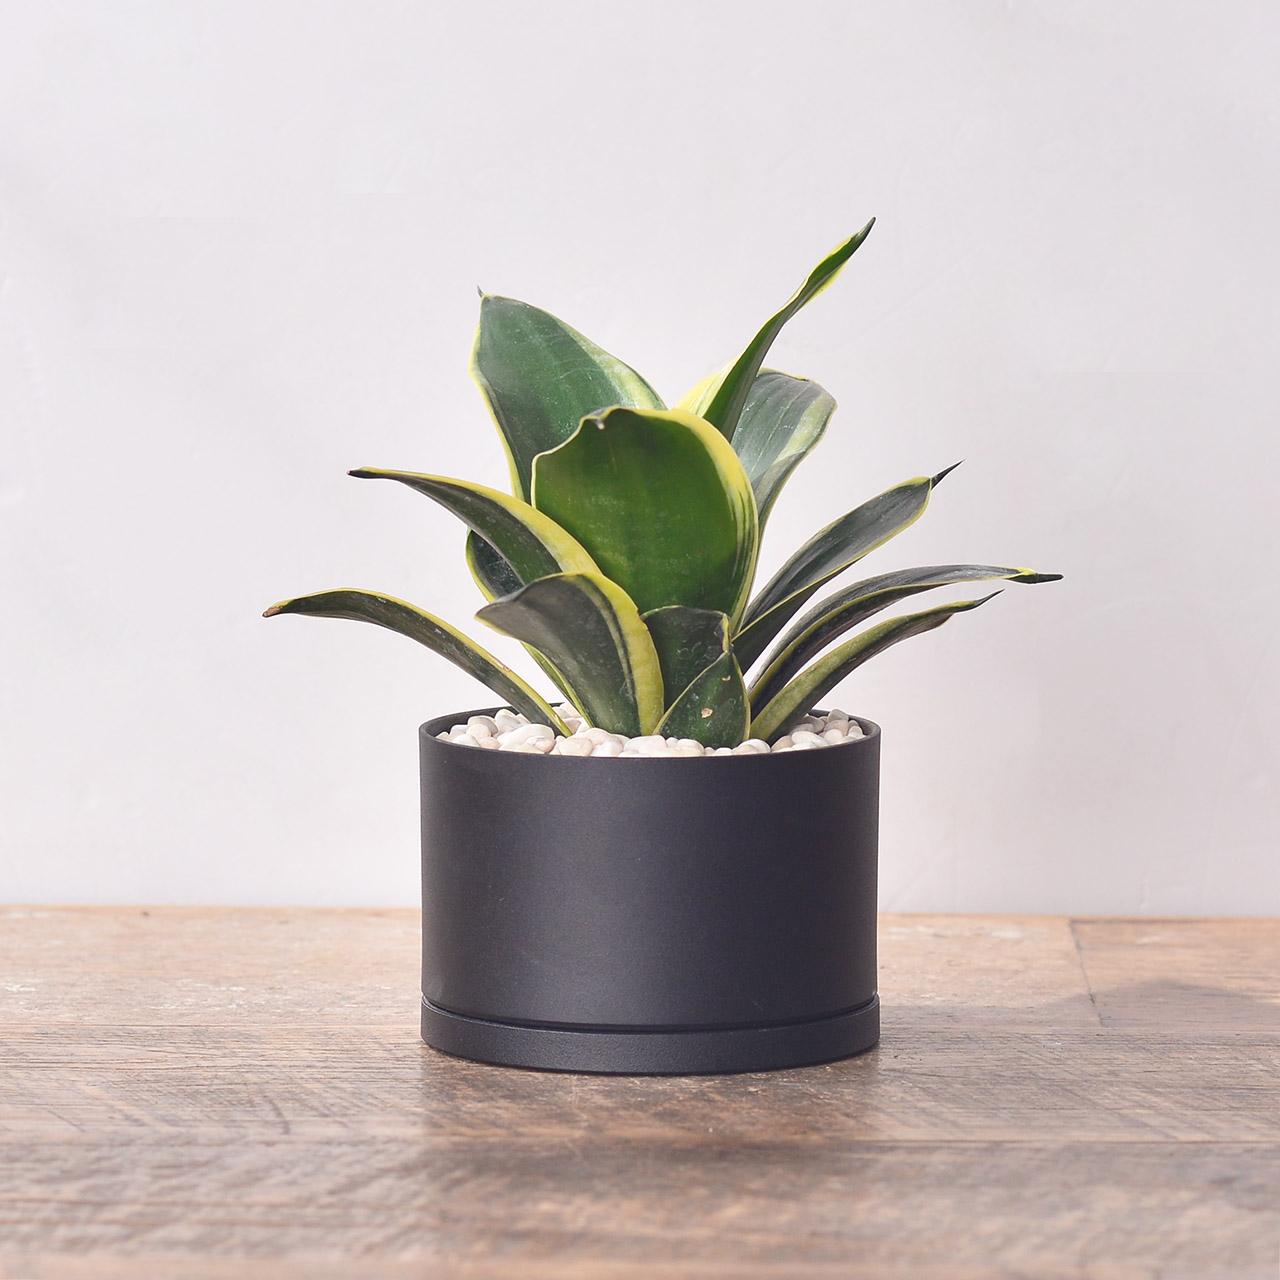 居家植栽 DIY 組合包 - 單株組 23 1